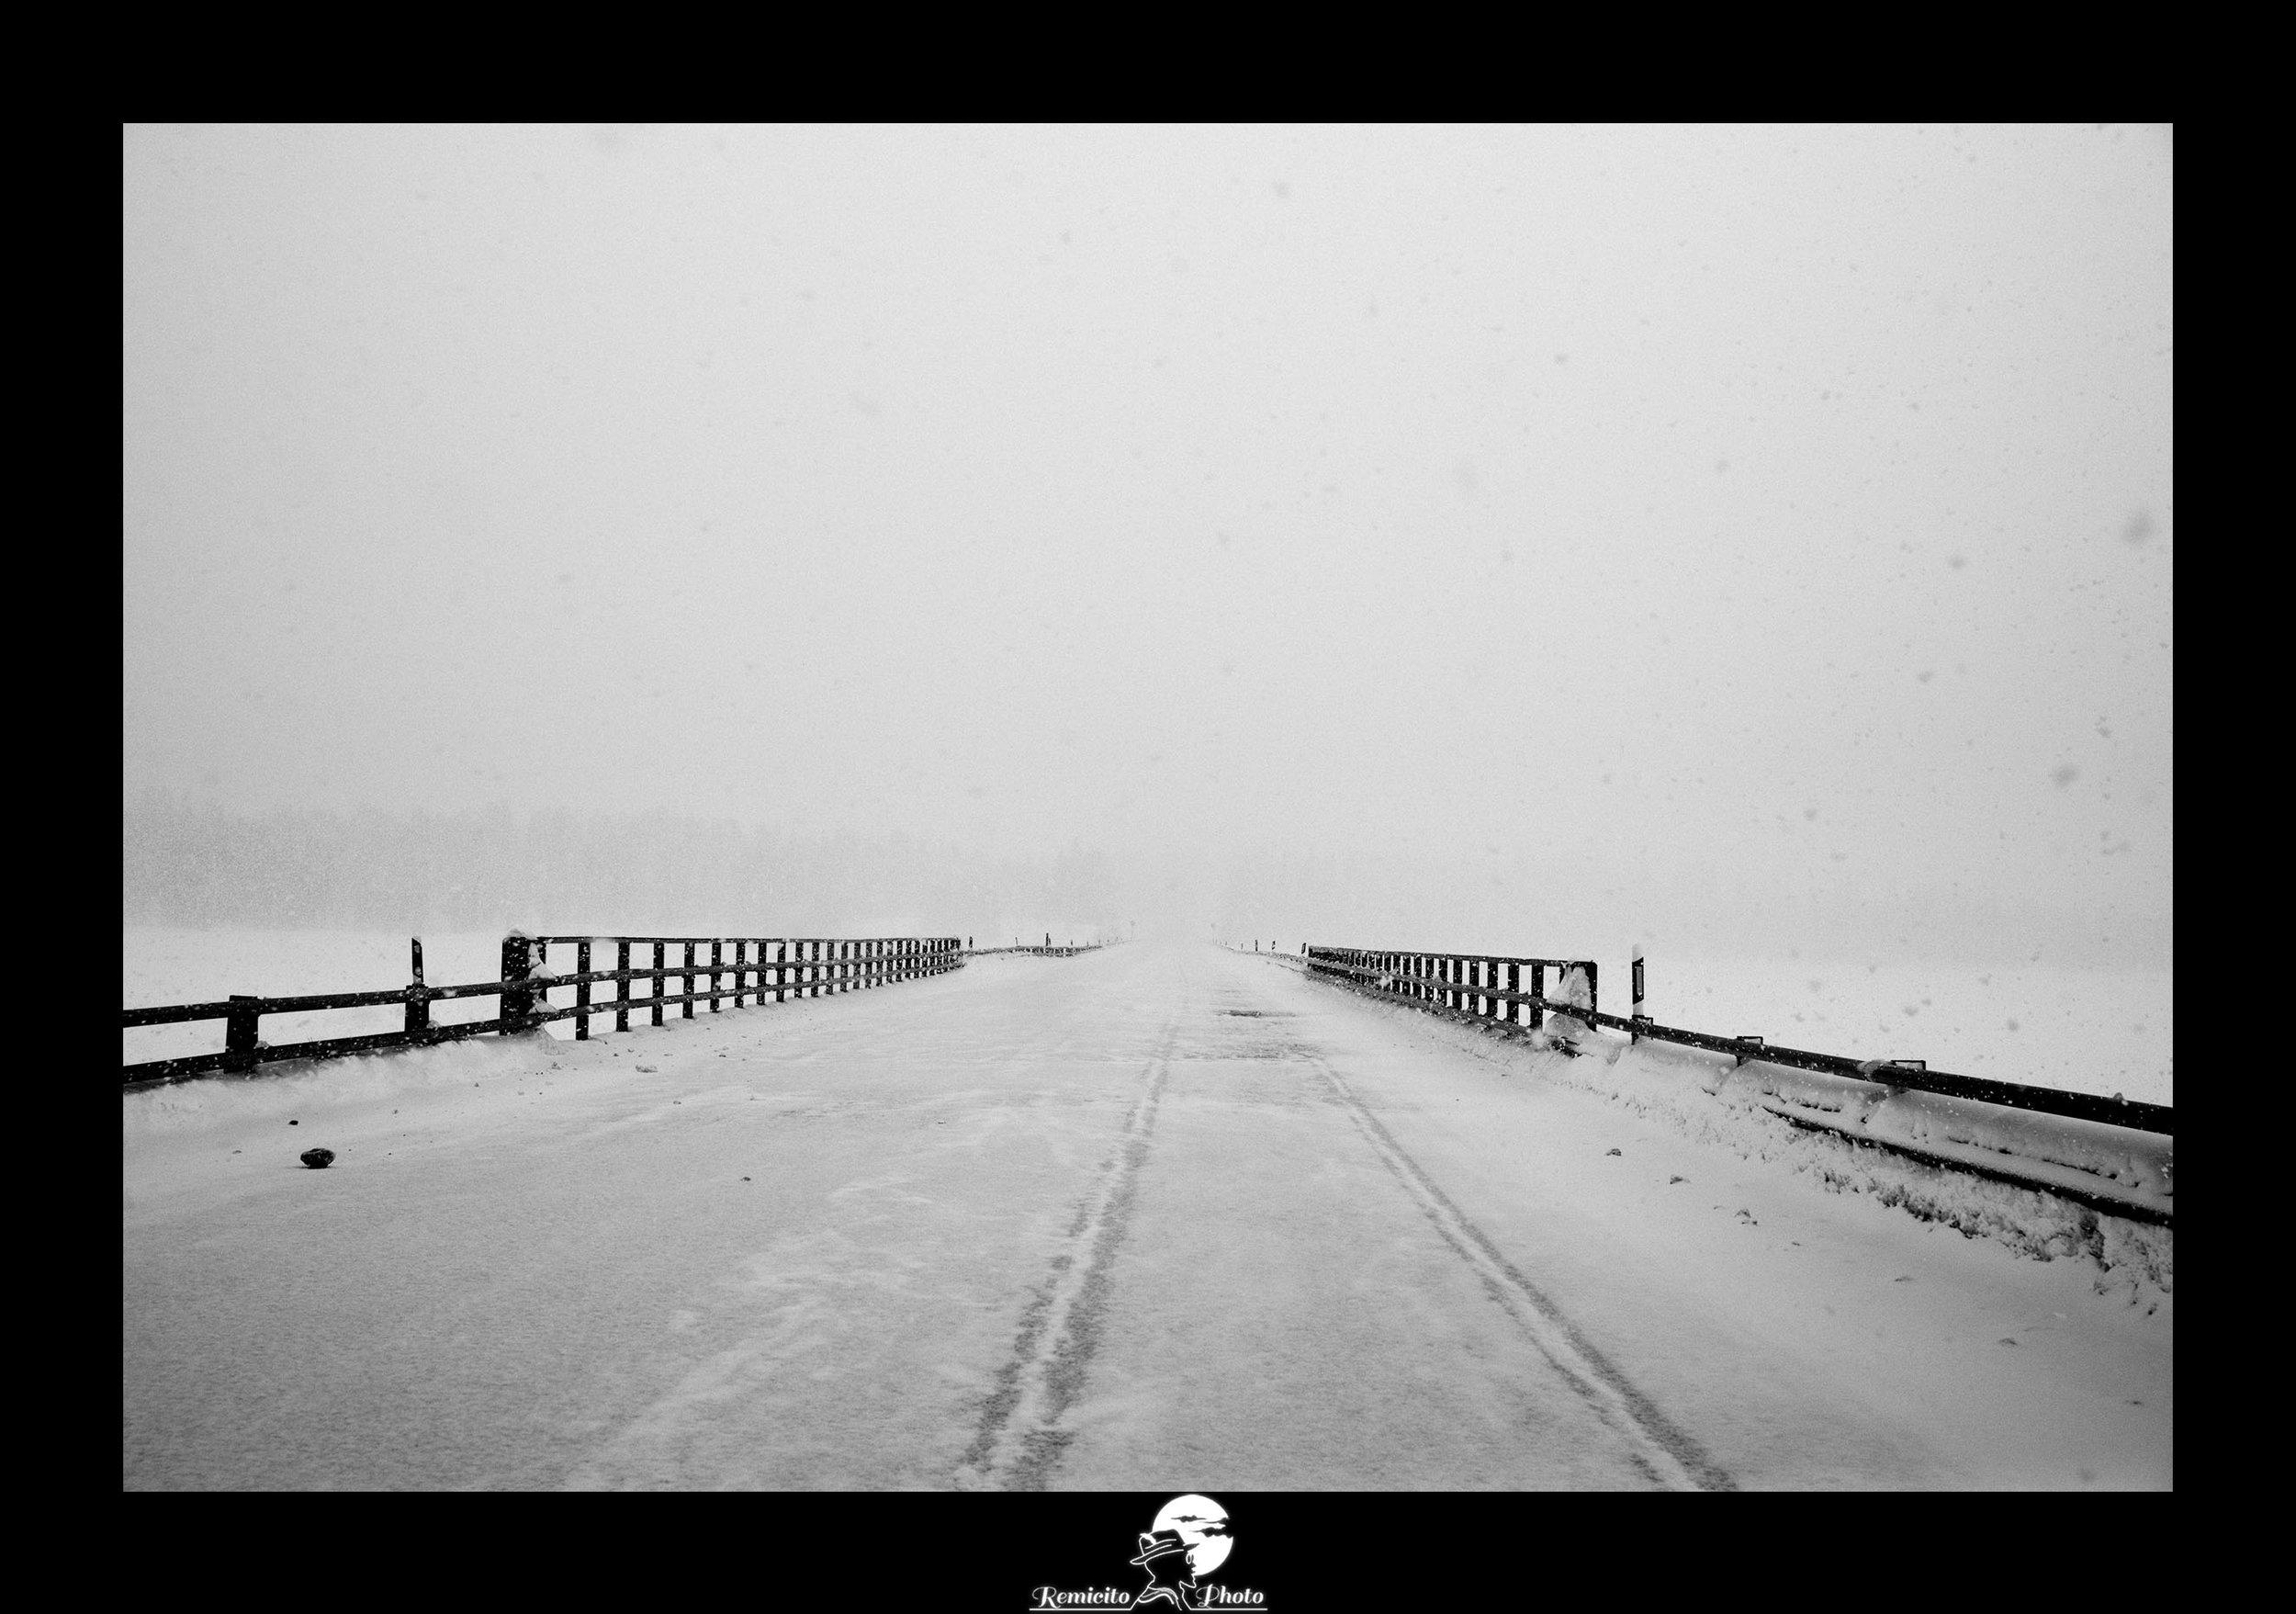 remicito, photoclub paris val-de-bièvre, remicito rémi lacombe, exposition, photo noir et blanc route pont, belle photo idée cadeau route pont neige noir et blanc